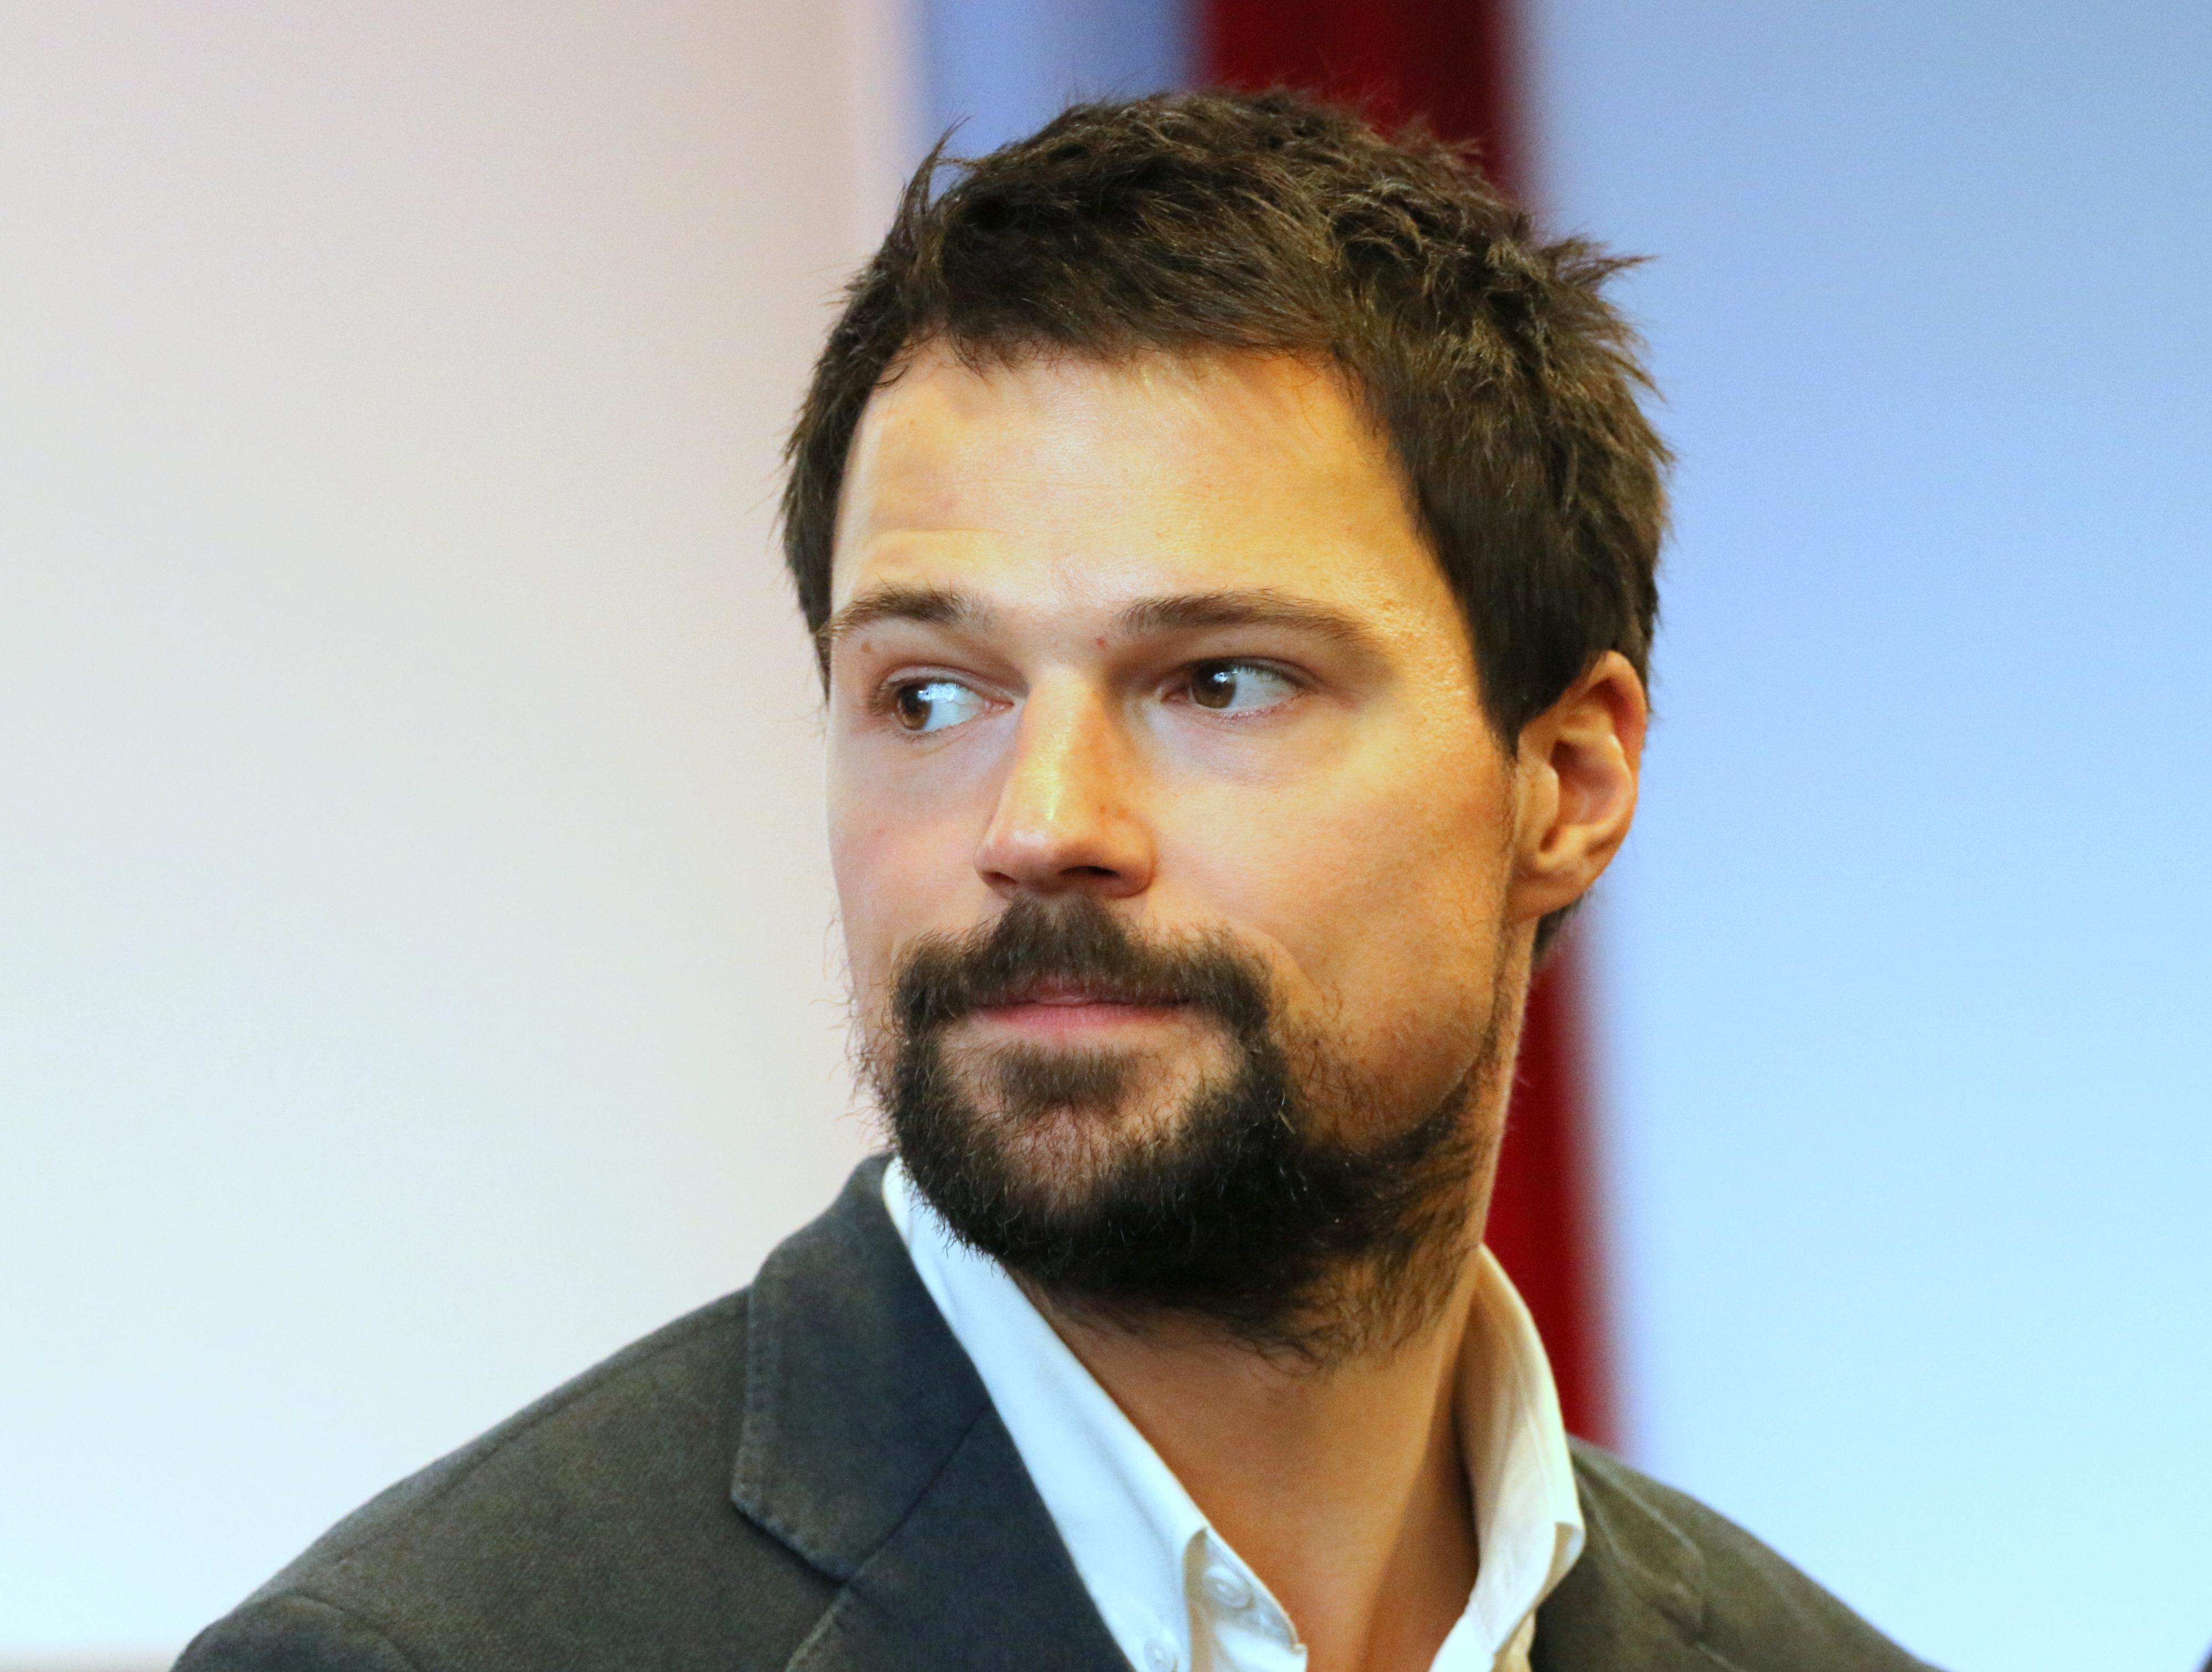 русские актеры с бородой фото халат можно